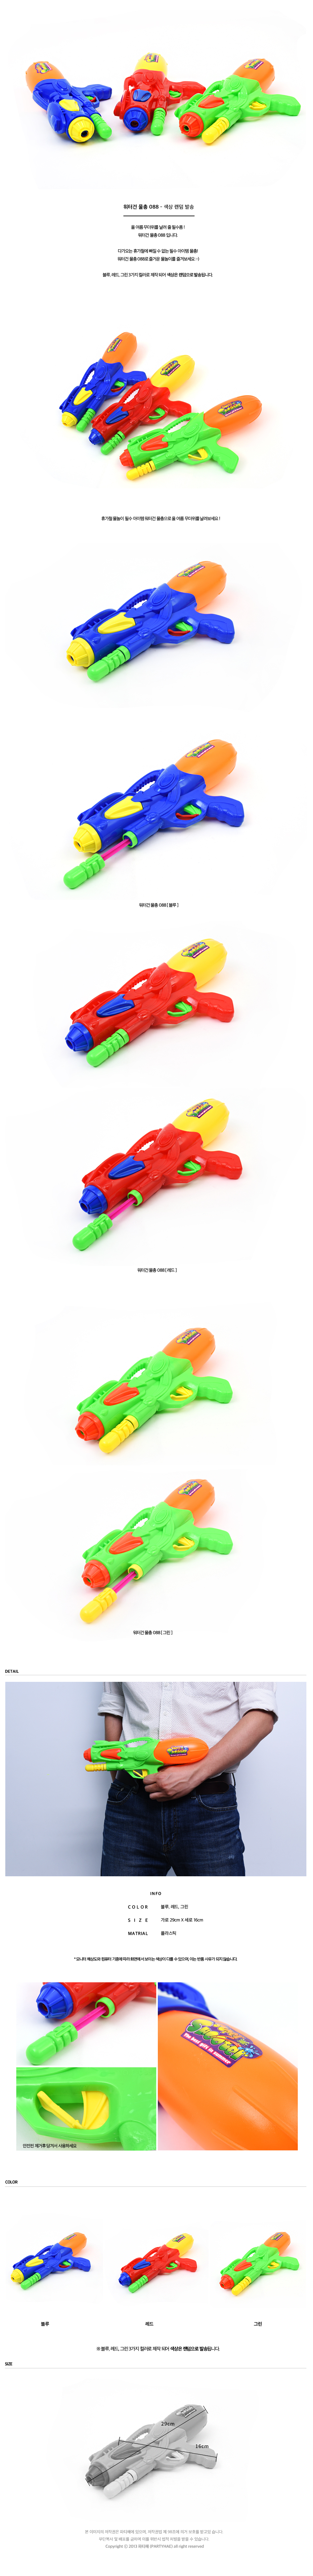 워터건물총 088 (색상랜덤) - 파티해, 4,000원, 보트/풀장/물놀이용품, 기타 놀이용품